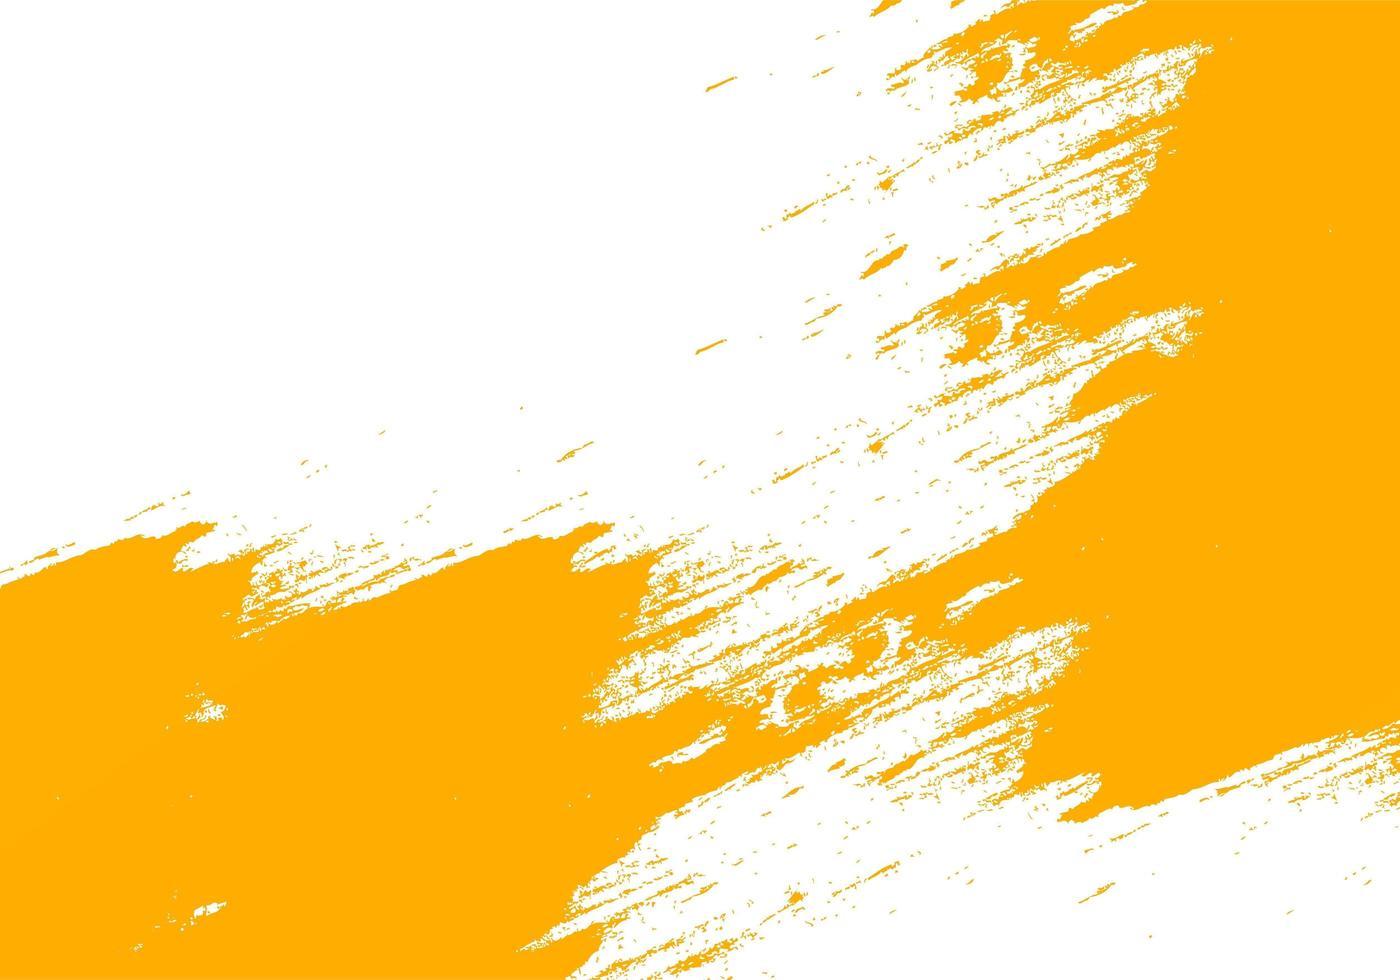 trama di tratto pennello arancione grunge andando verso il centro vettore